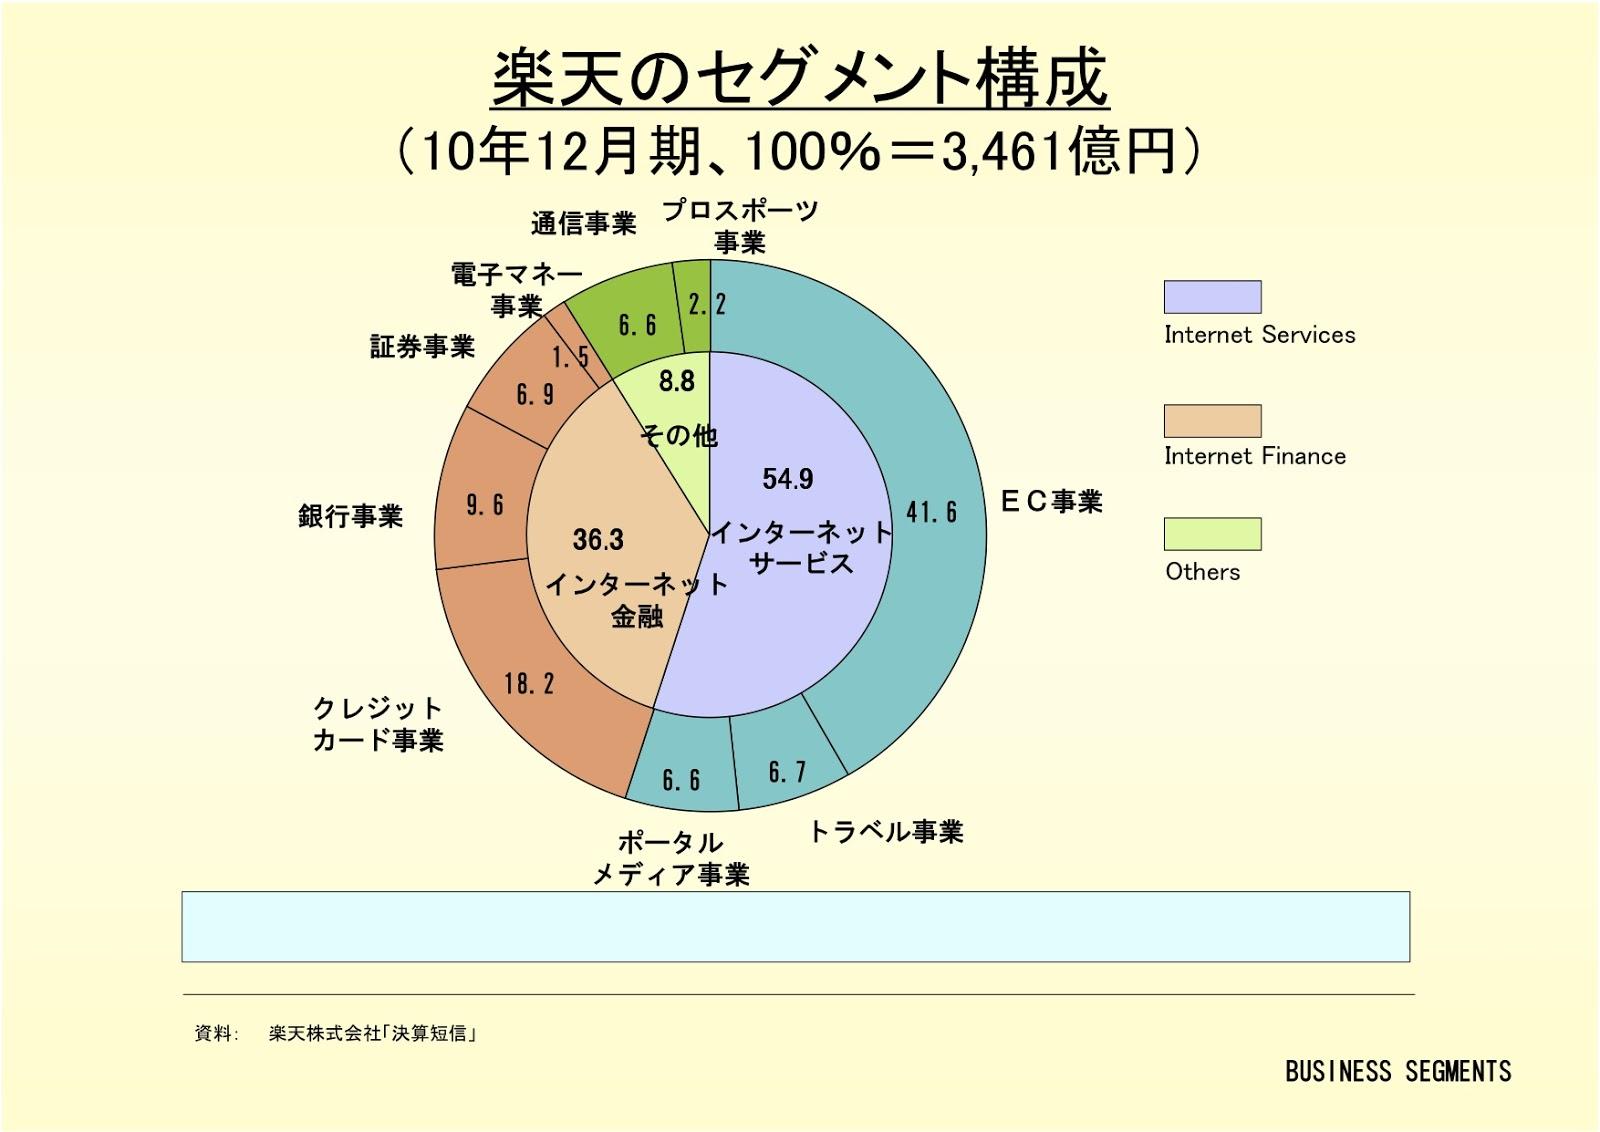 楽天株式会社のセグメント構成